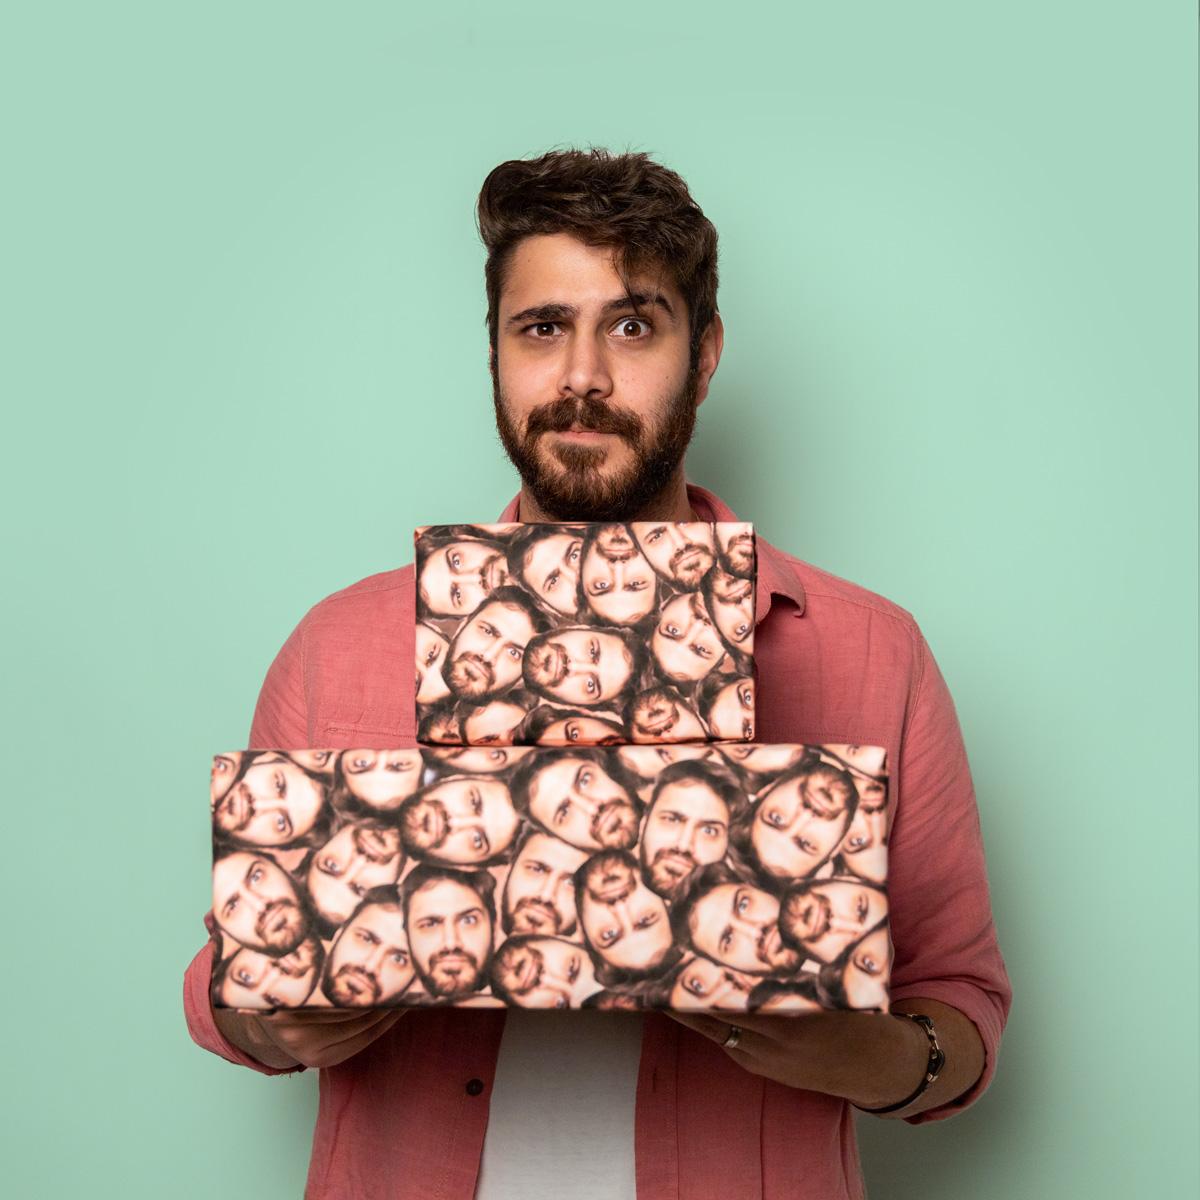 Weihnachtsgeschenke für Männer personalisierbares Geschenkpapier